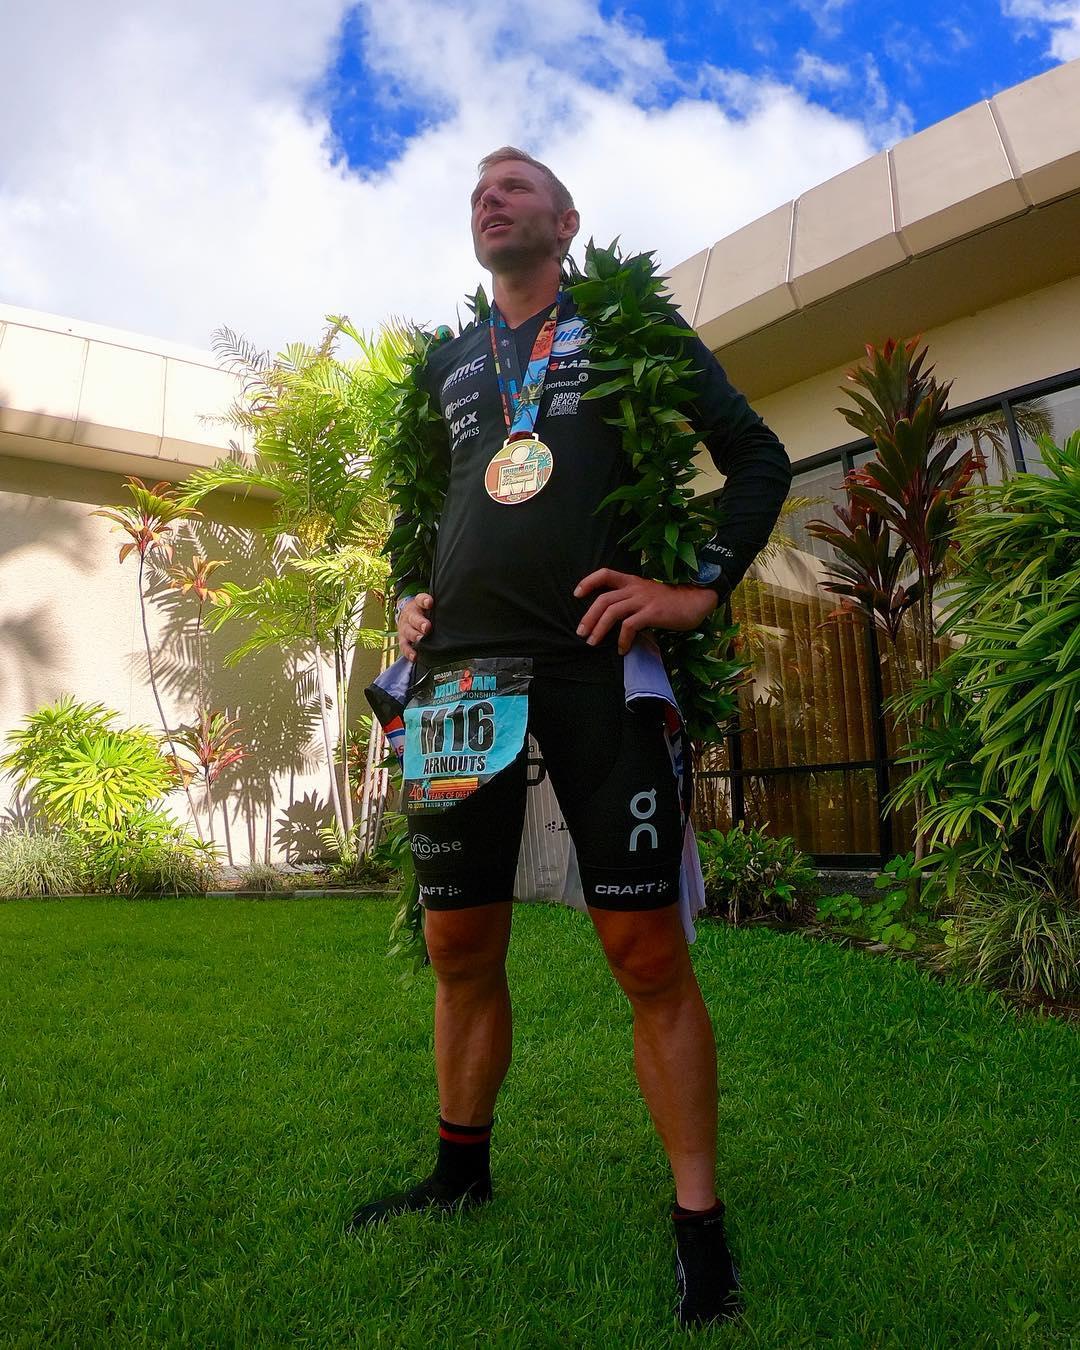 Bart Aernouts Ironman Kona